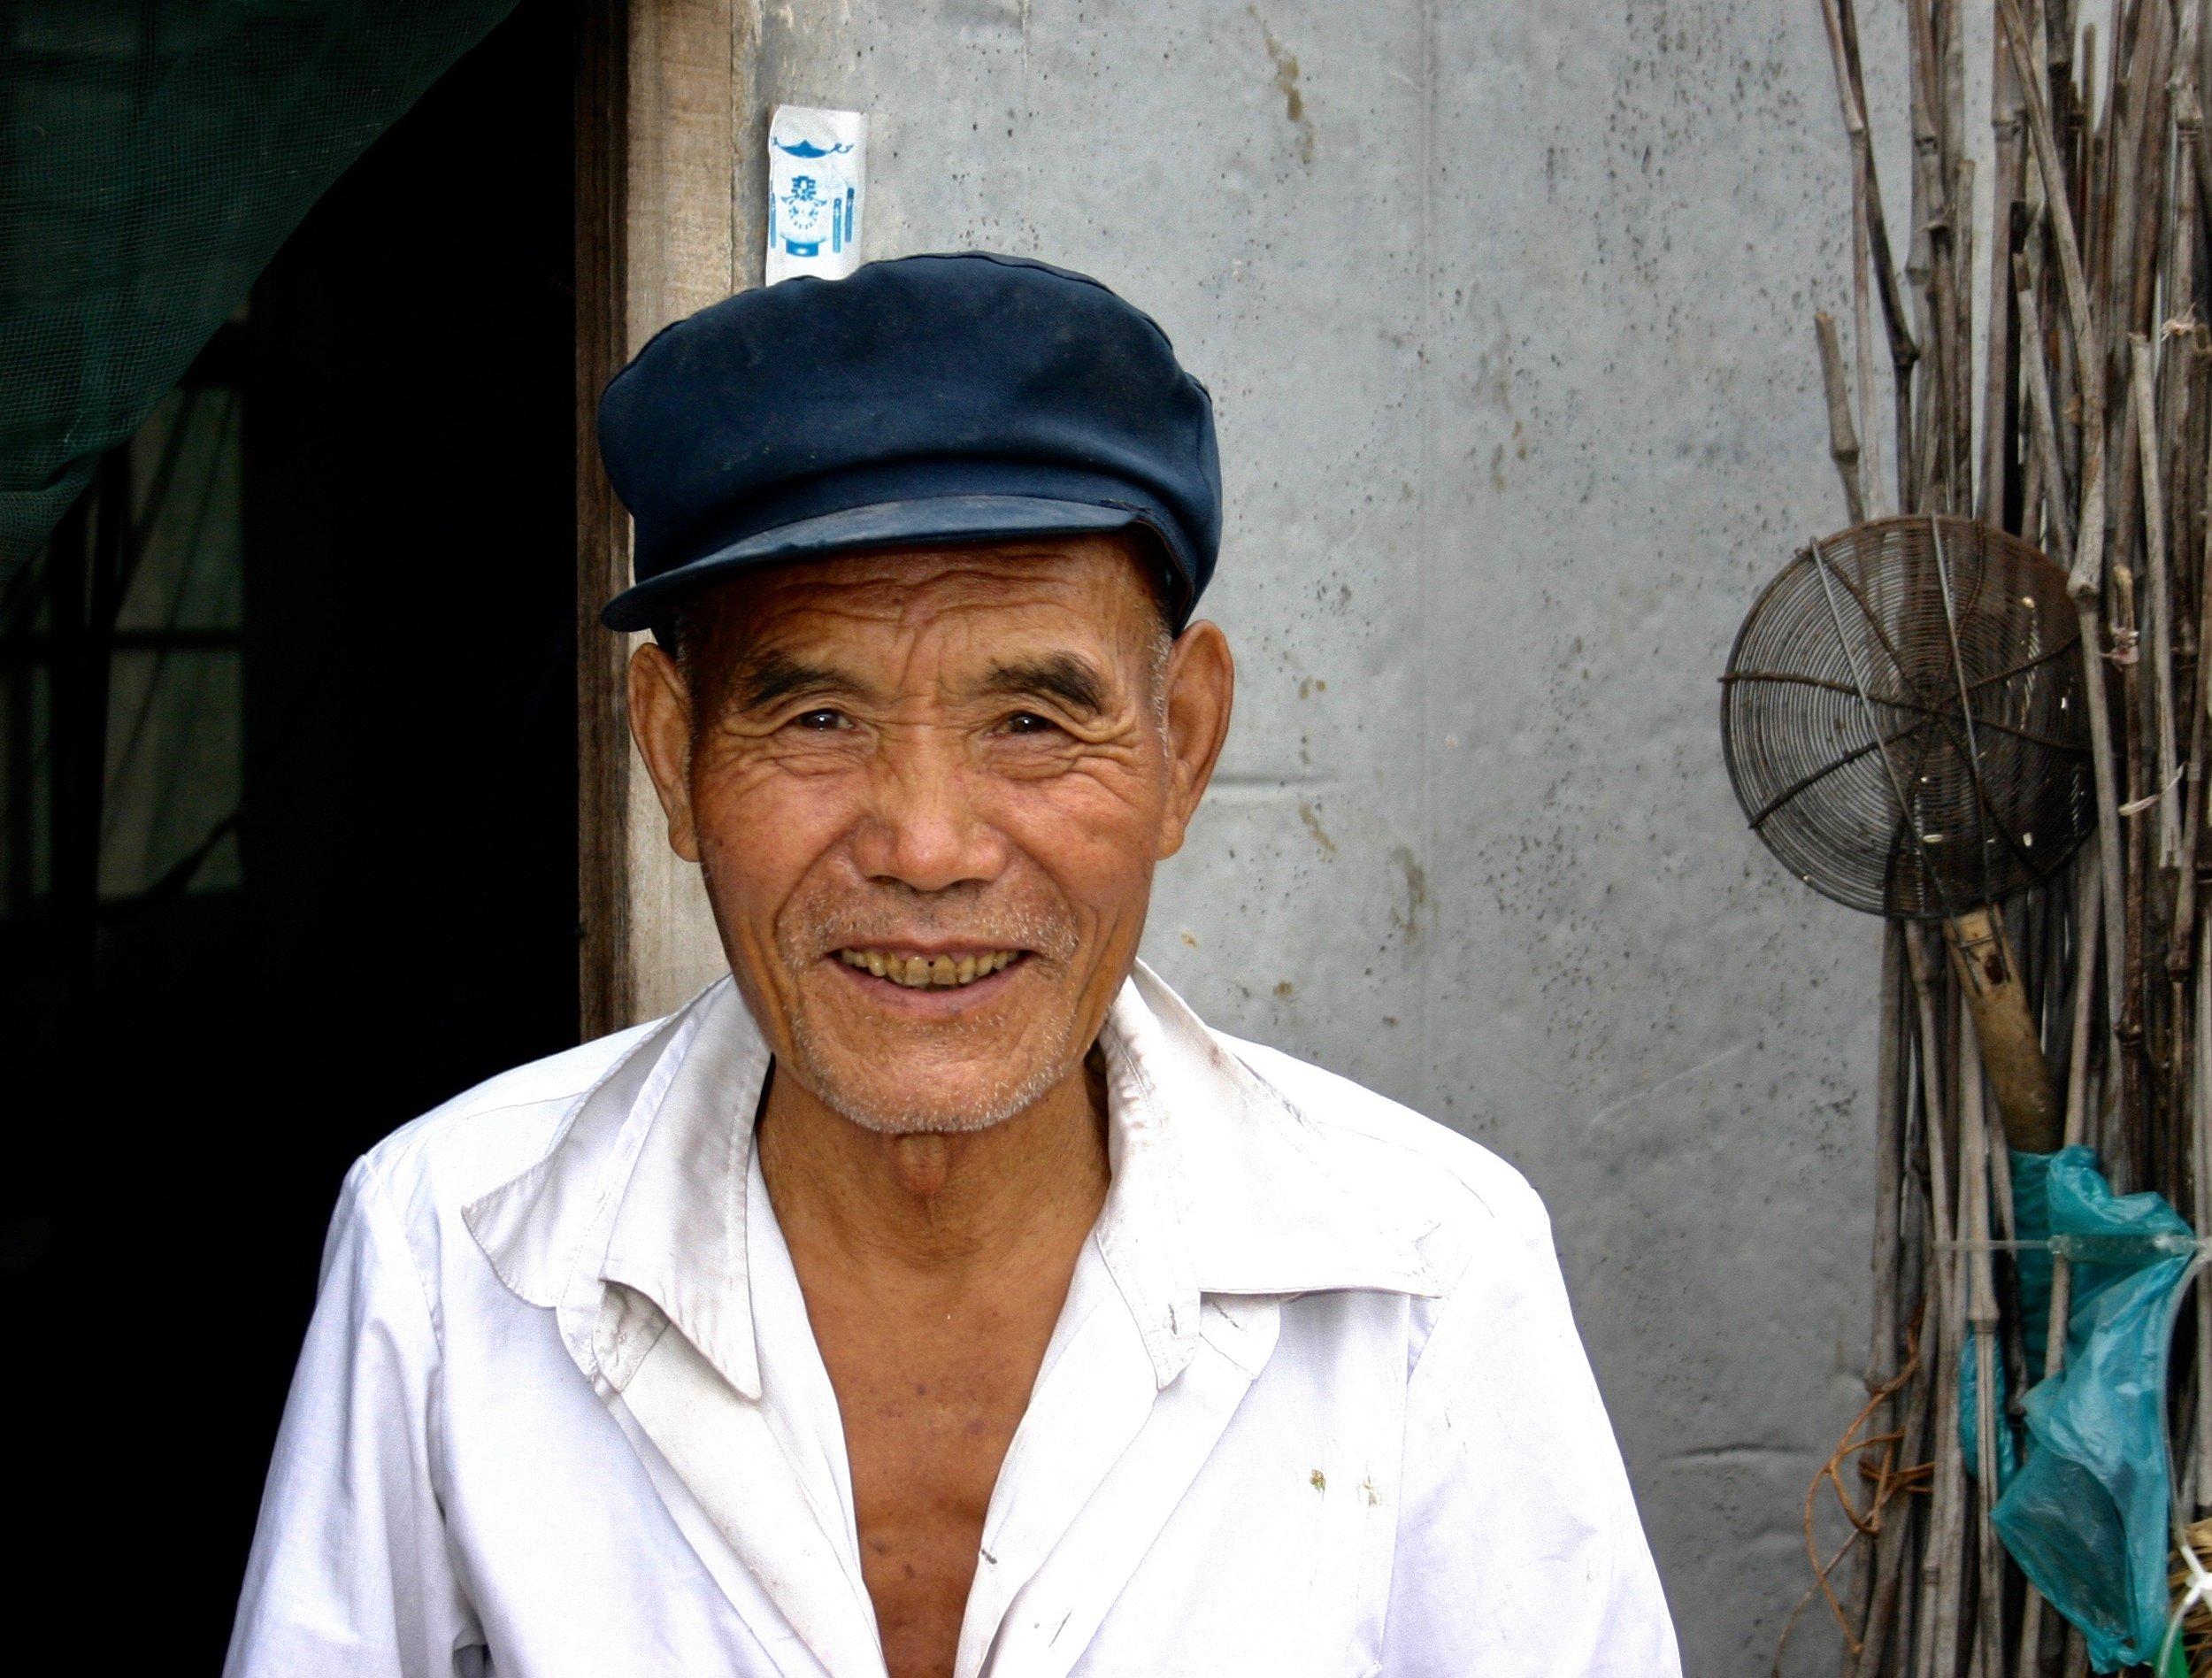 People-China Village Man.jpg